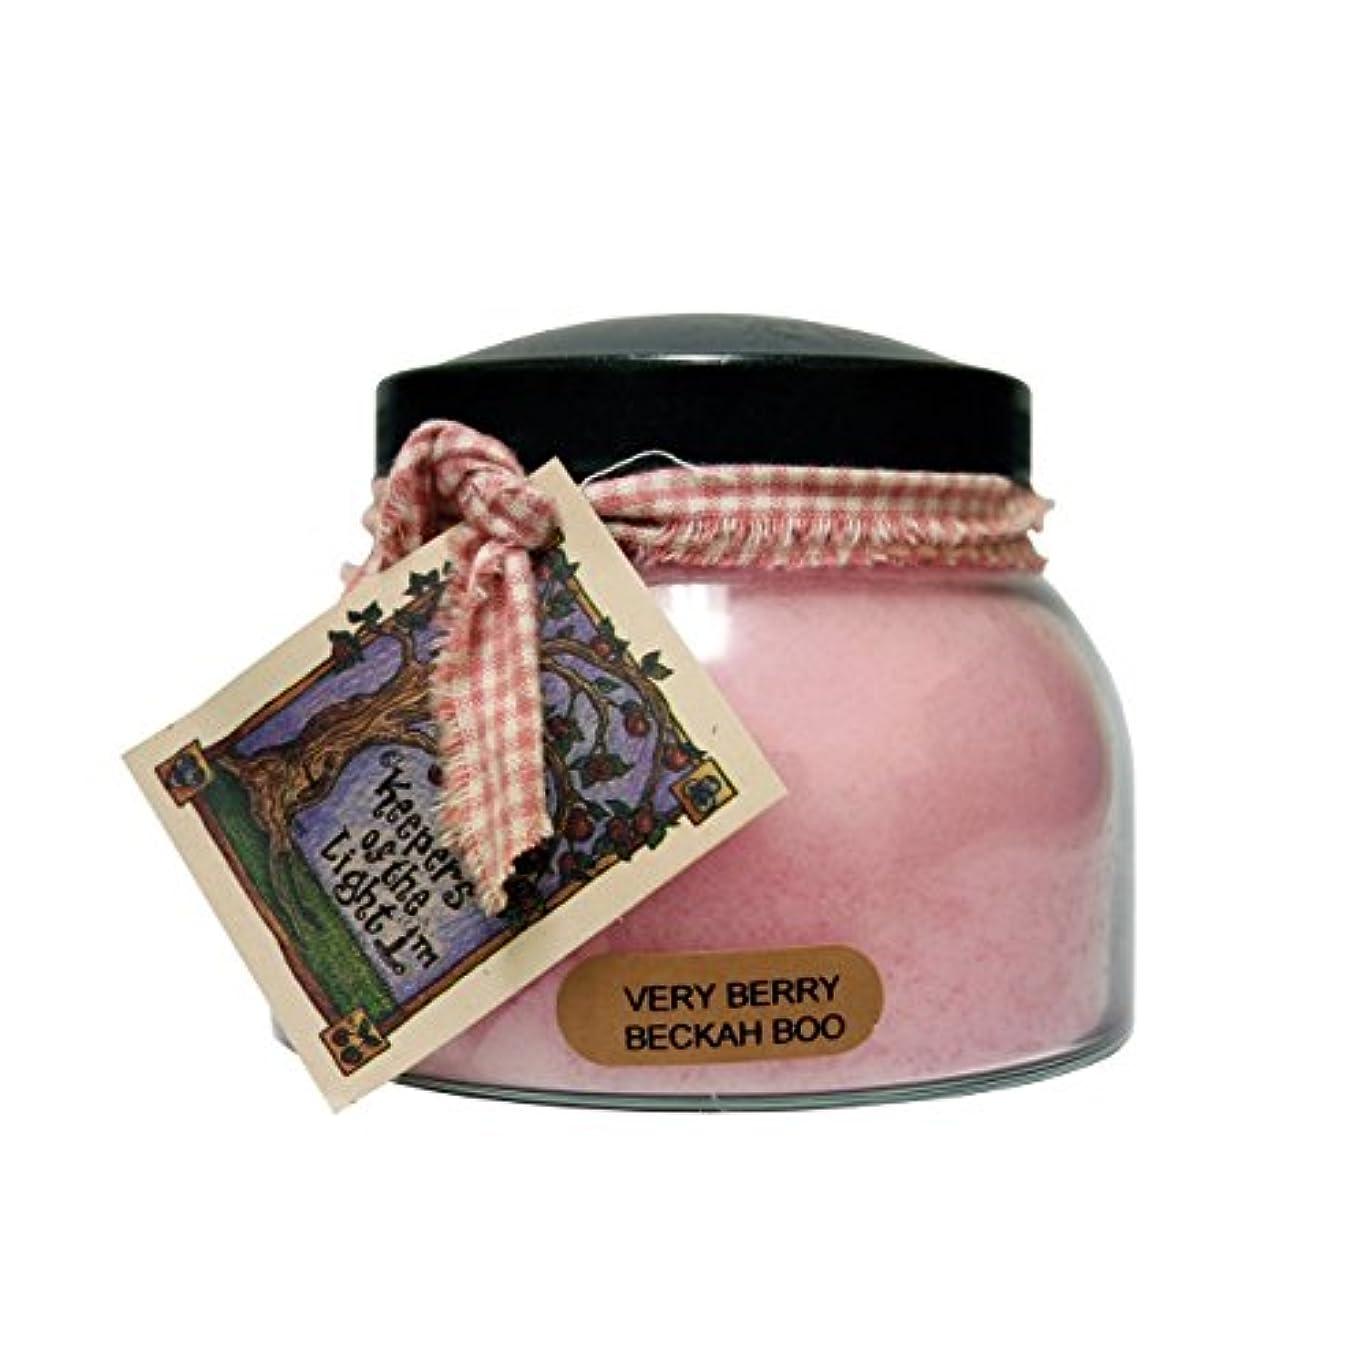 評価する資格カニA Cheerful Giver Very Berry Beckah Boo Mama Jar Candle, 22-Ounce [並行輸入品]